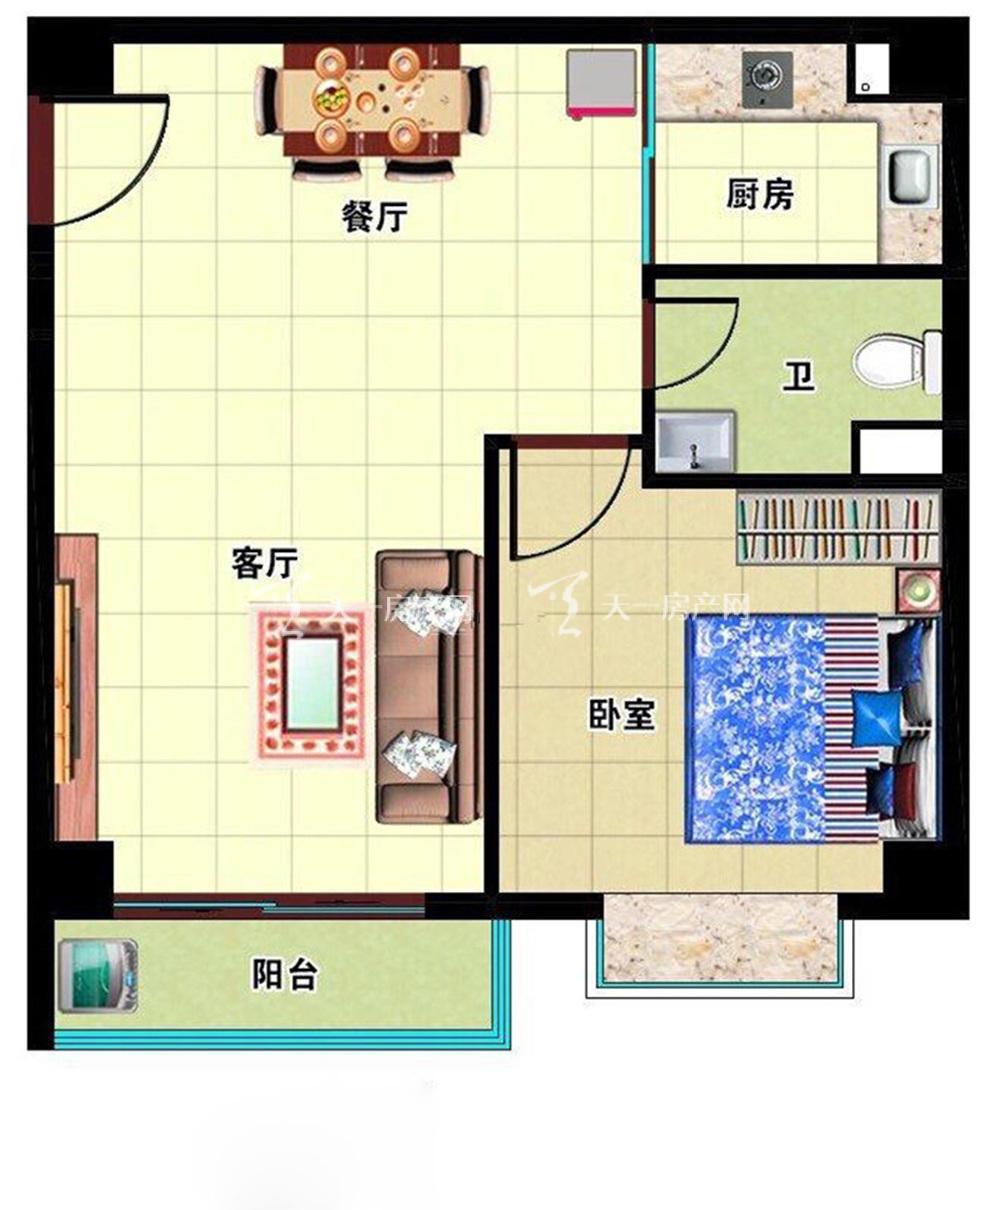 月亮湖畔户型:1室2厅1卫1厨 建筑面积61㎡